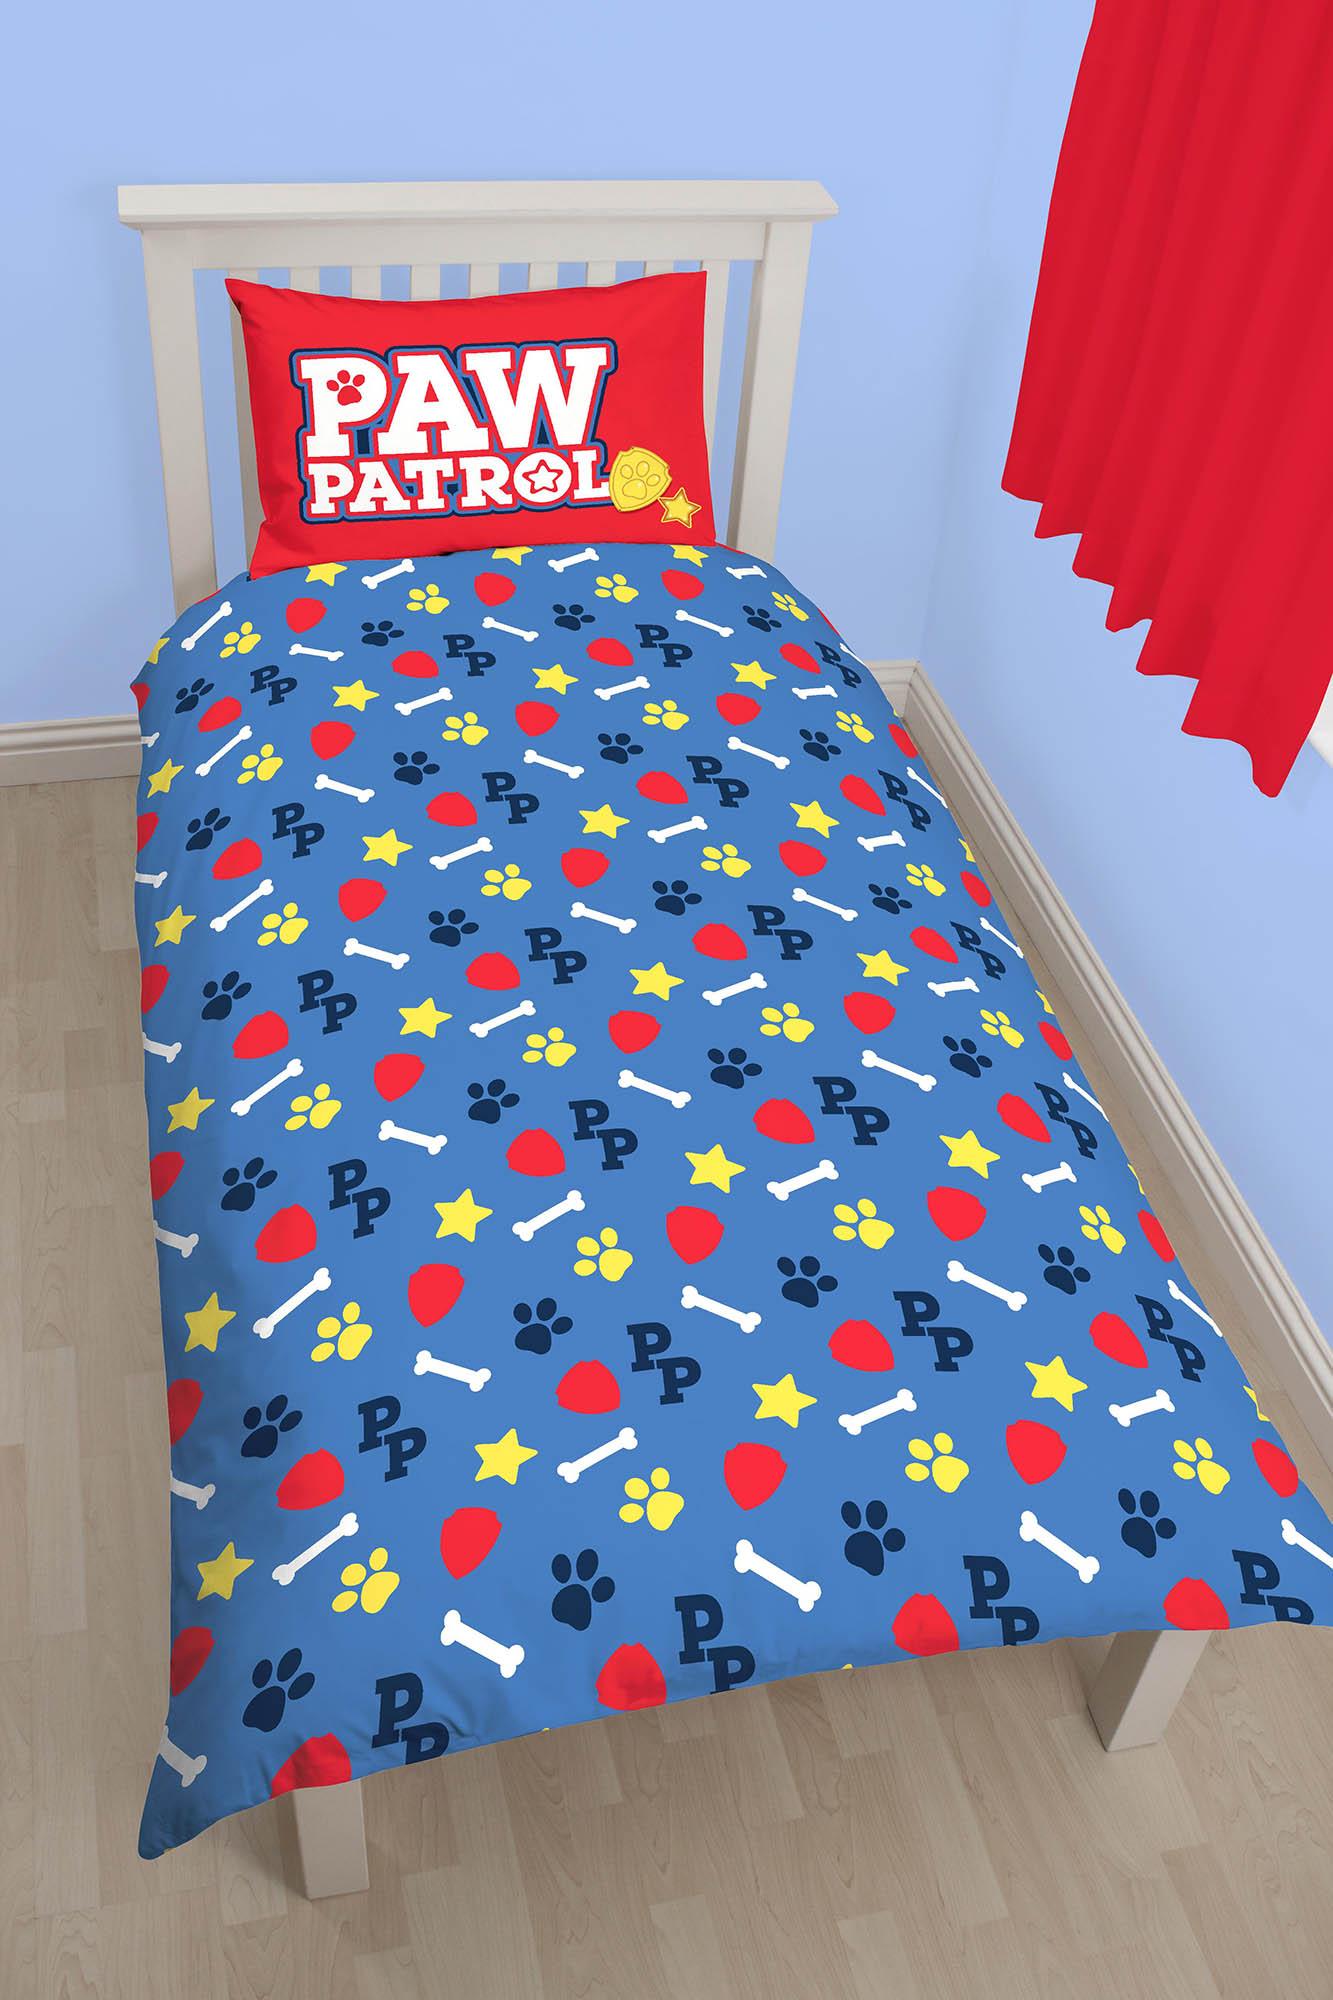 neu paw patrol pawsome einzelbett bettw sche satz blau kinder ebay. Black Bedroom Furniture Sets. Home Design Ideas